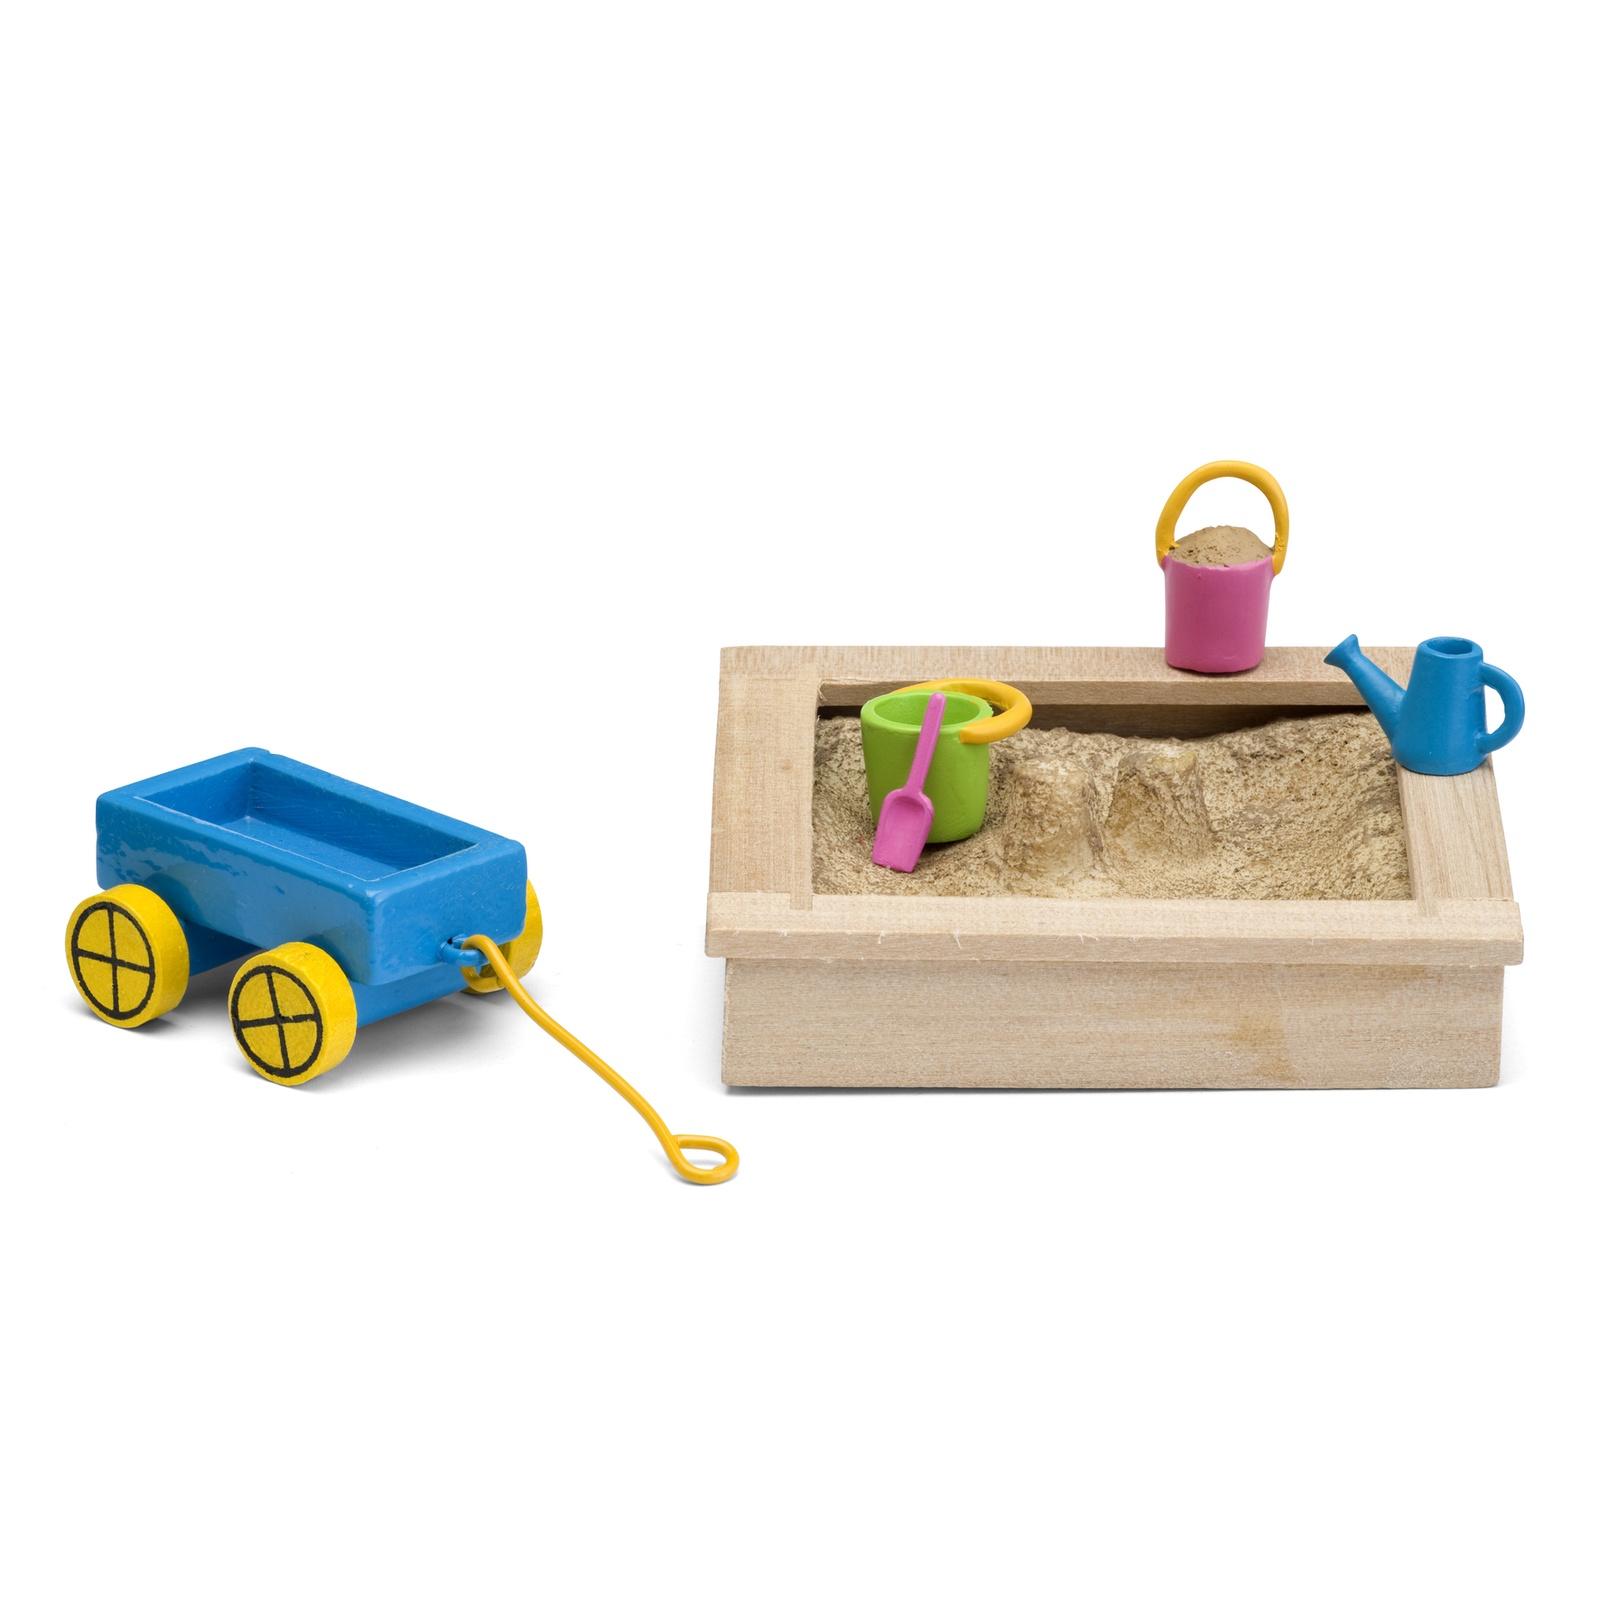 Фото - Игровой набор для домика Lundby Смоланд. Песочница с игрушками, LB_60509600 аксессуары для домика lundby смоланд батут с машинкой